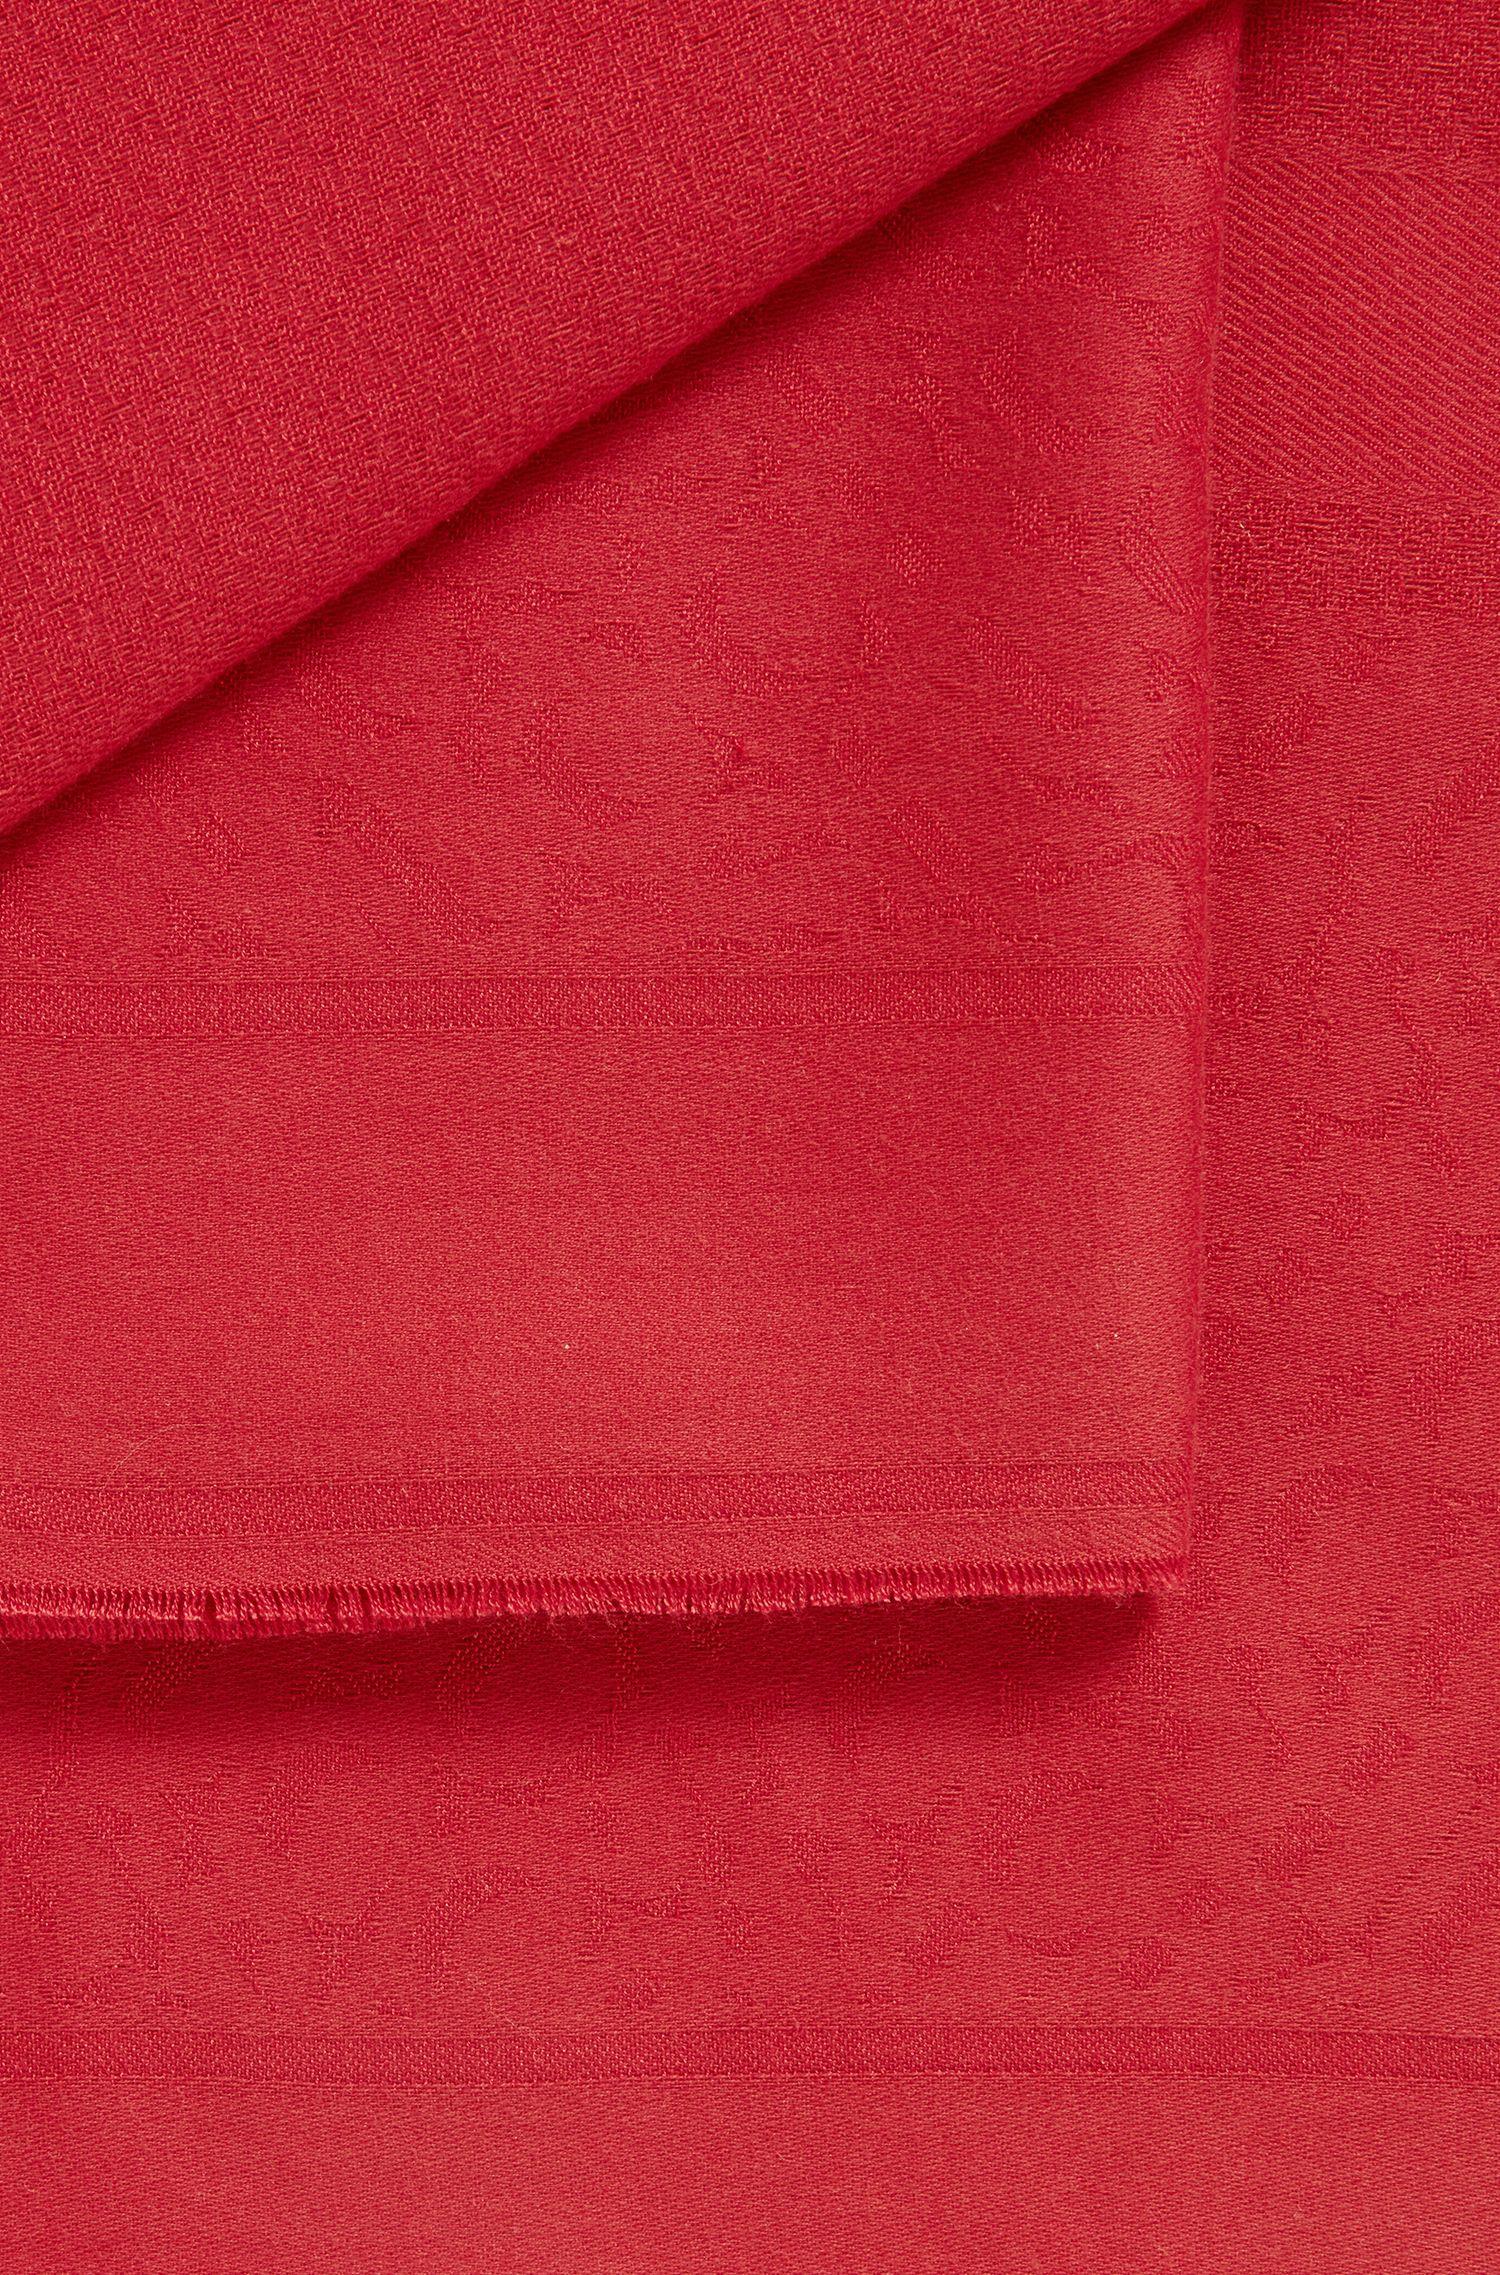 Écharpe à franges en coton mélangé à logo jacquard, Rouge sombre